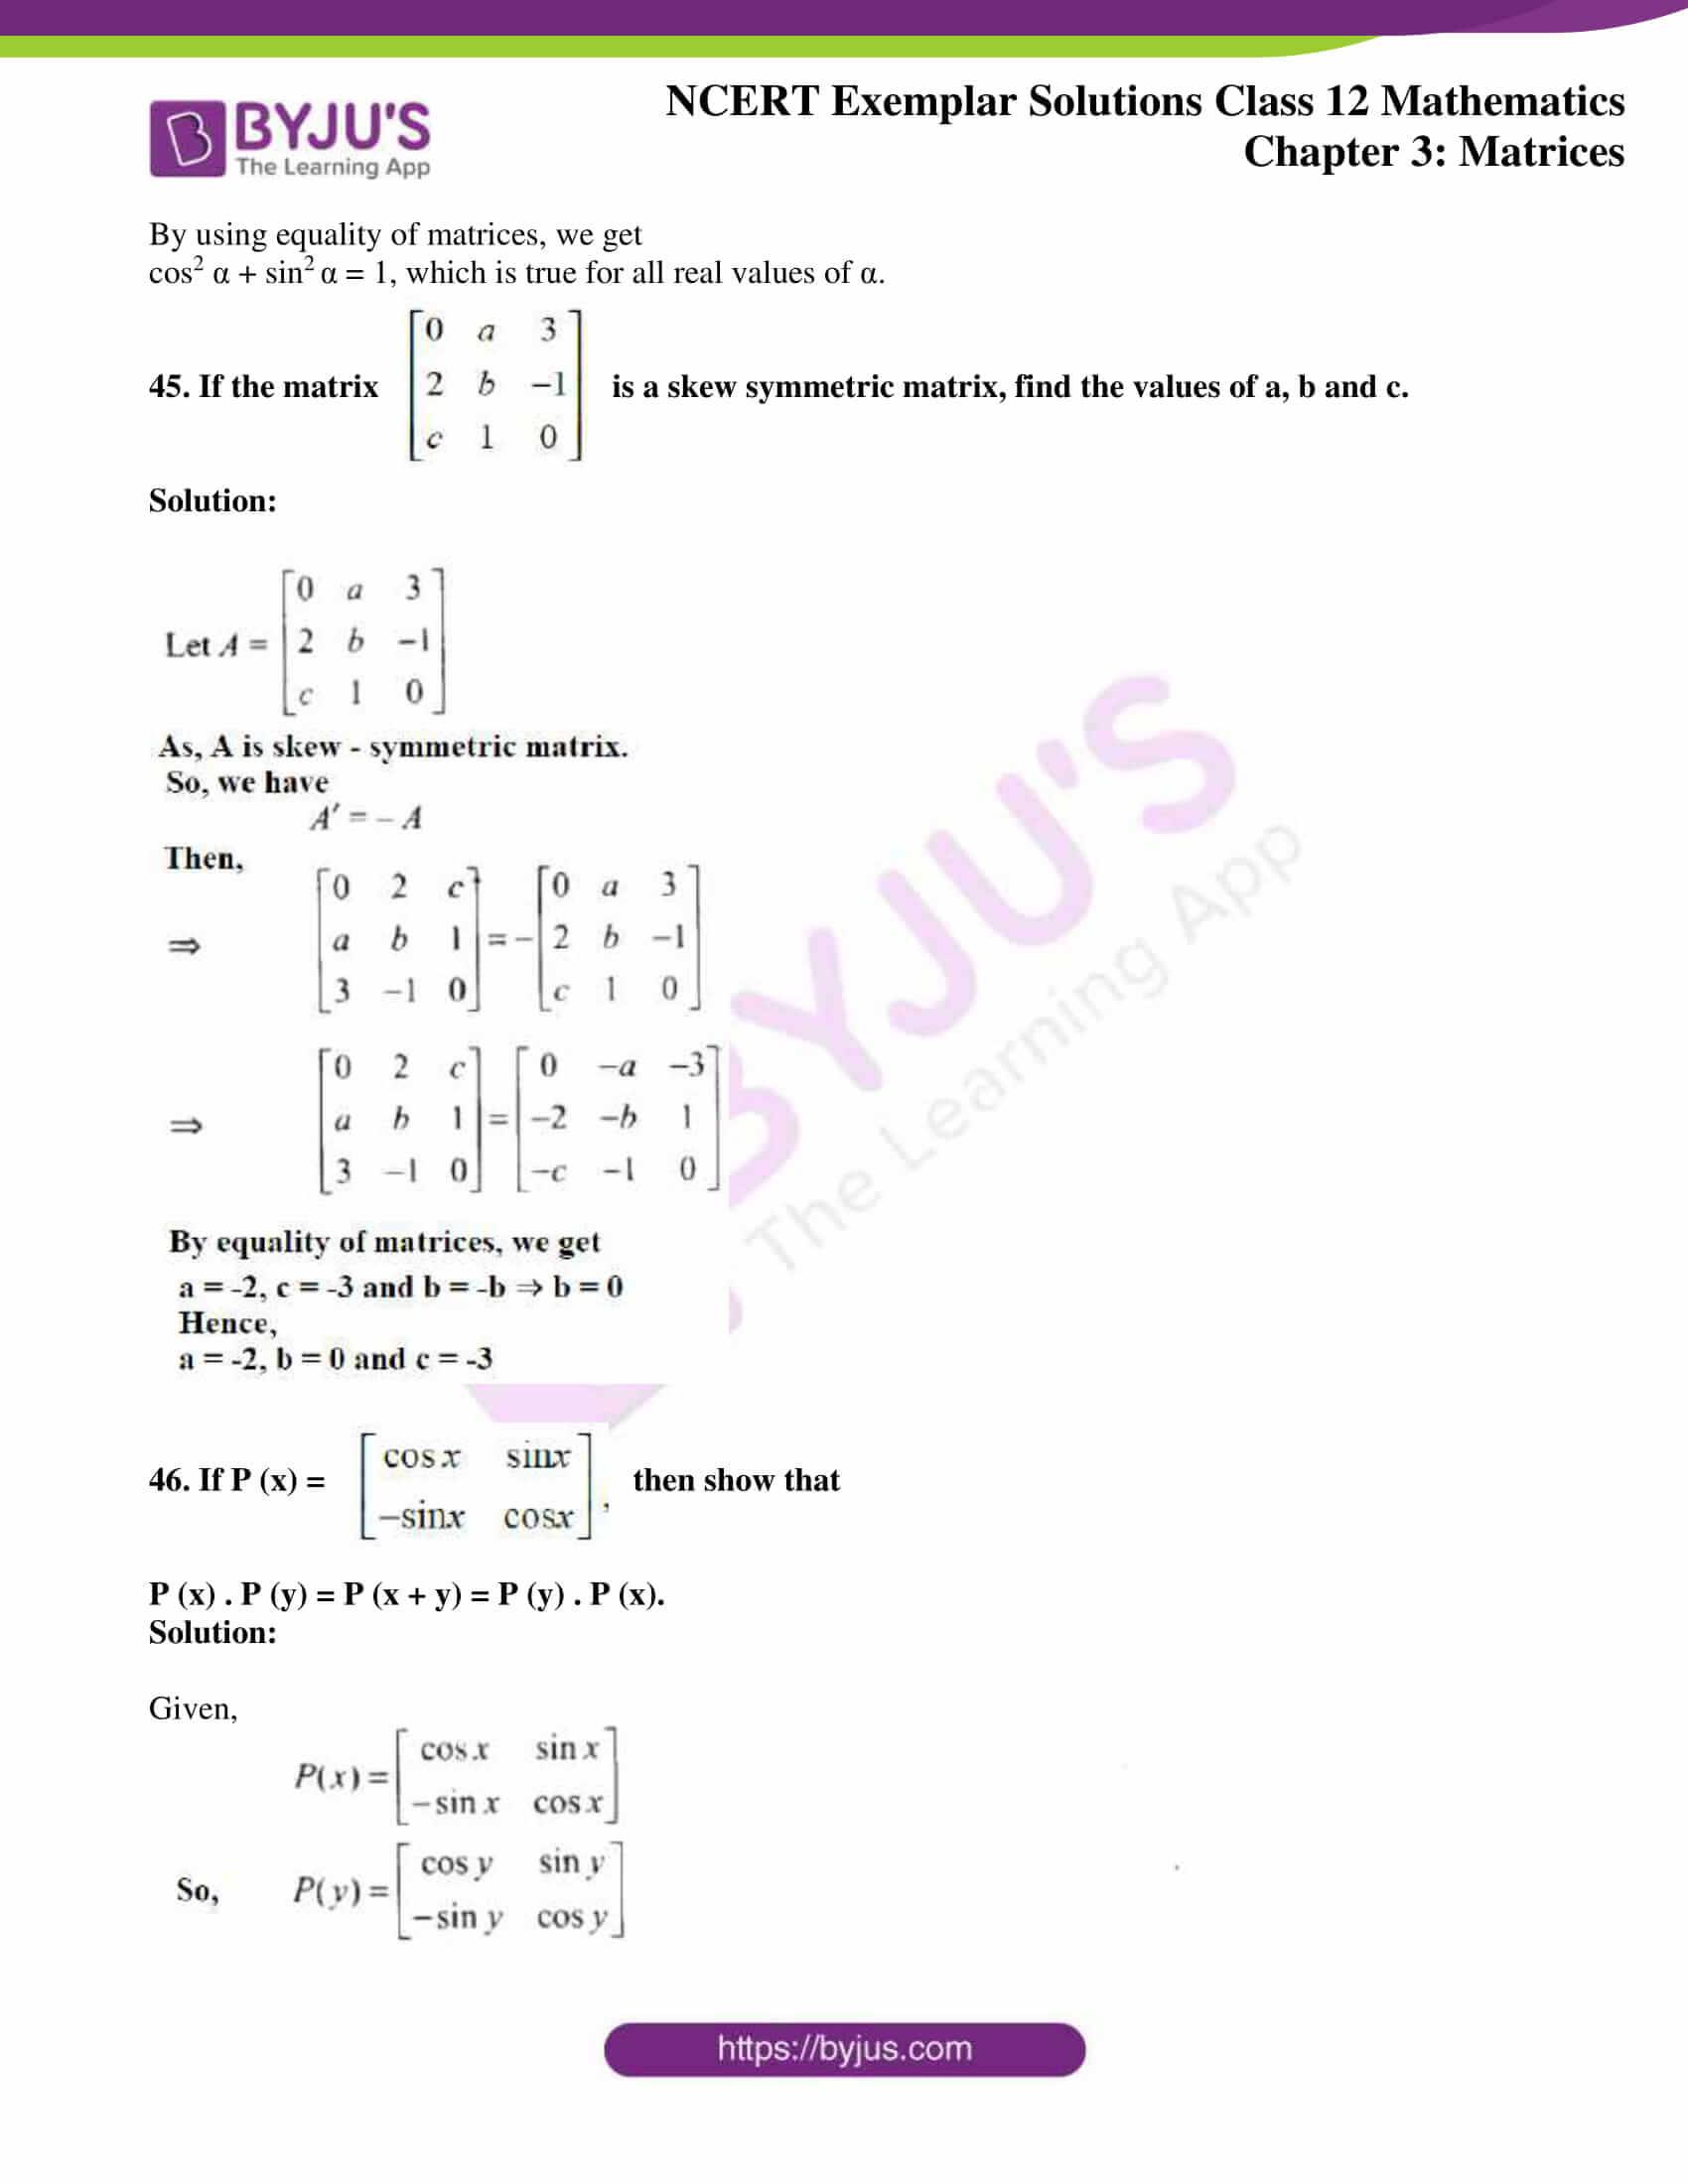 ncert exemplar sol class 12 math ch3 28